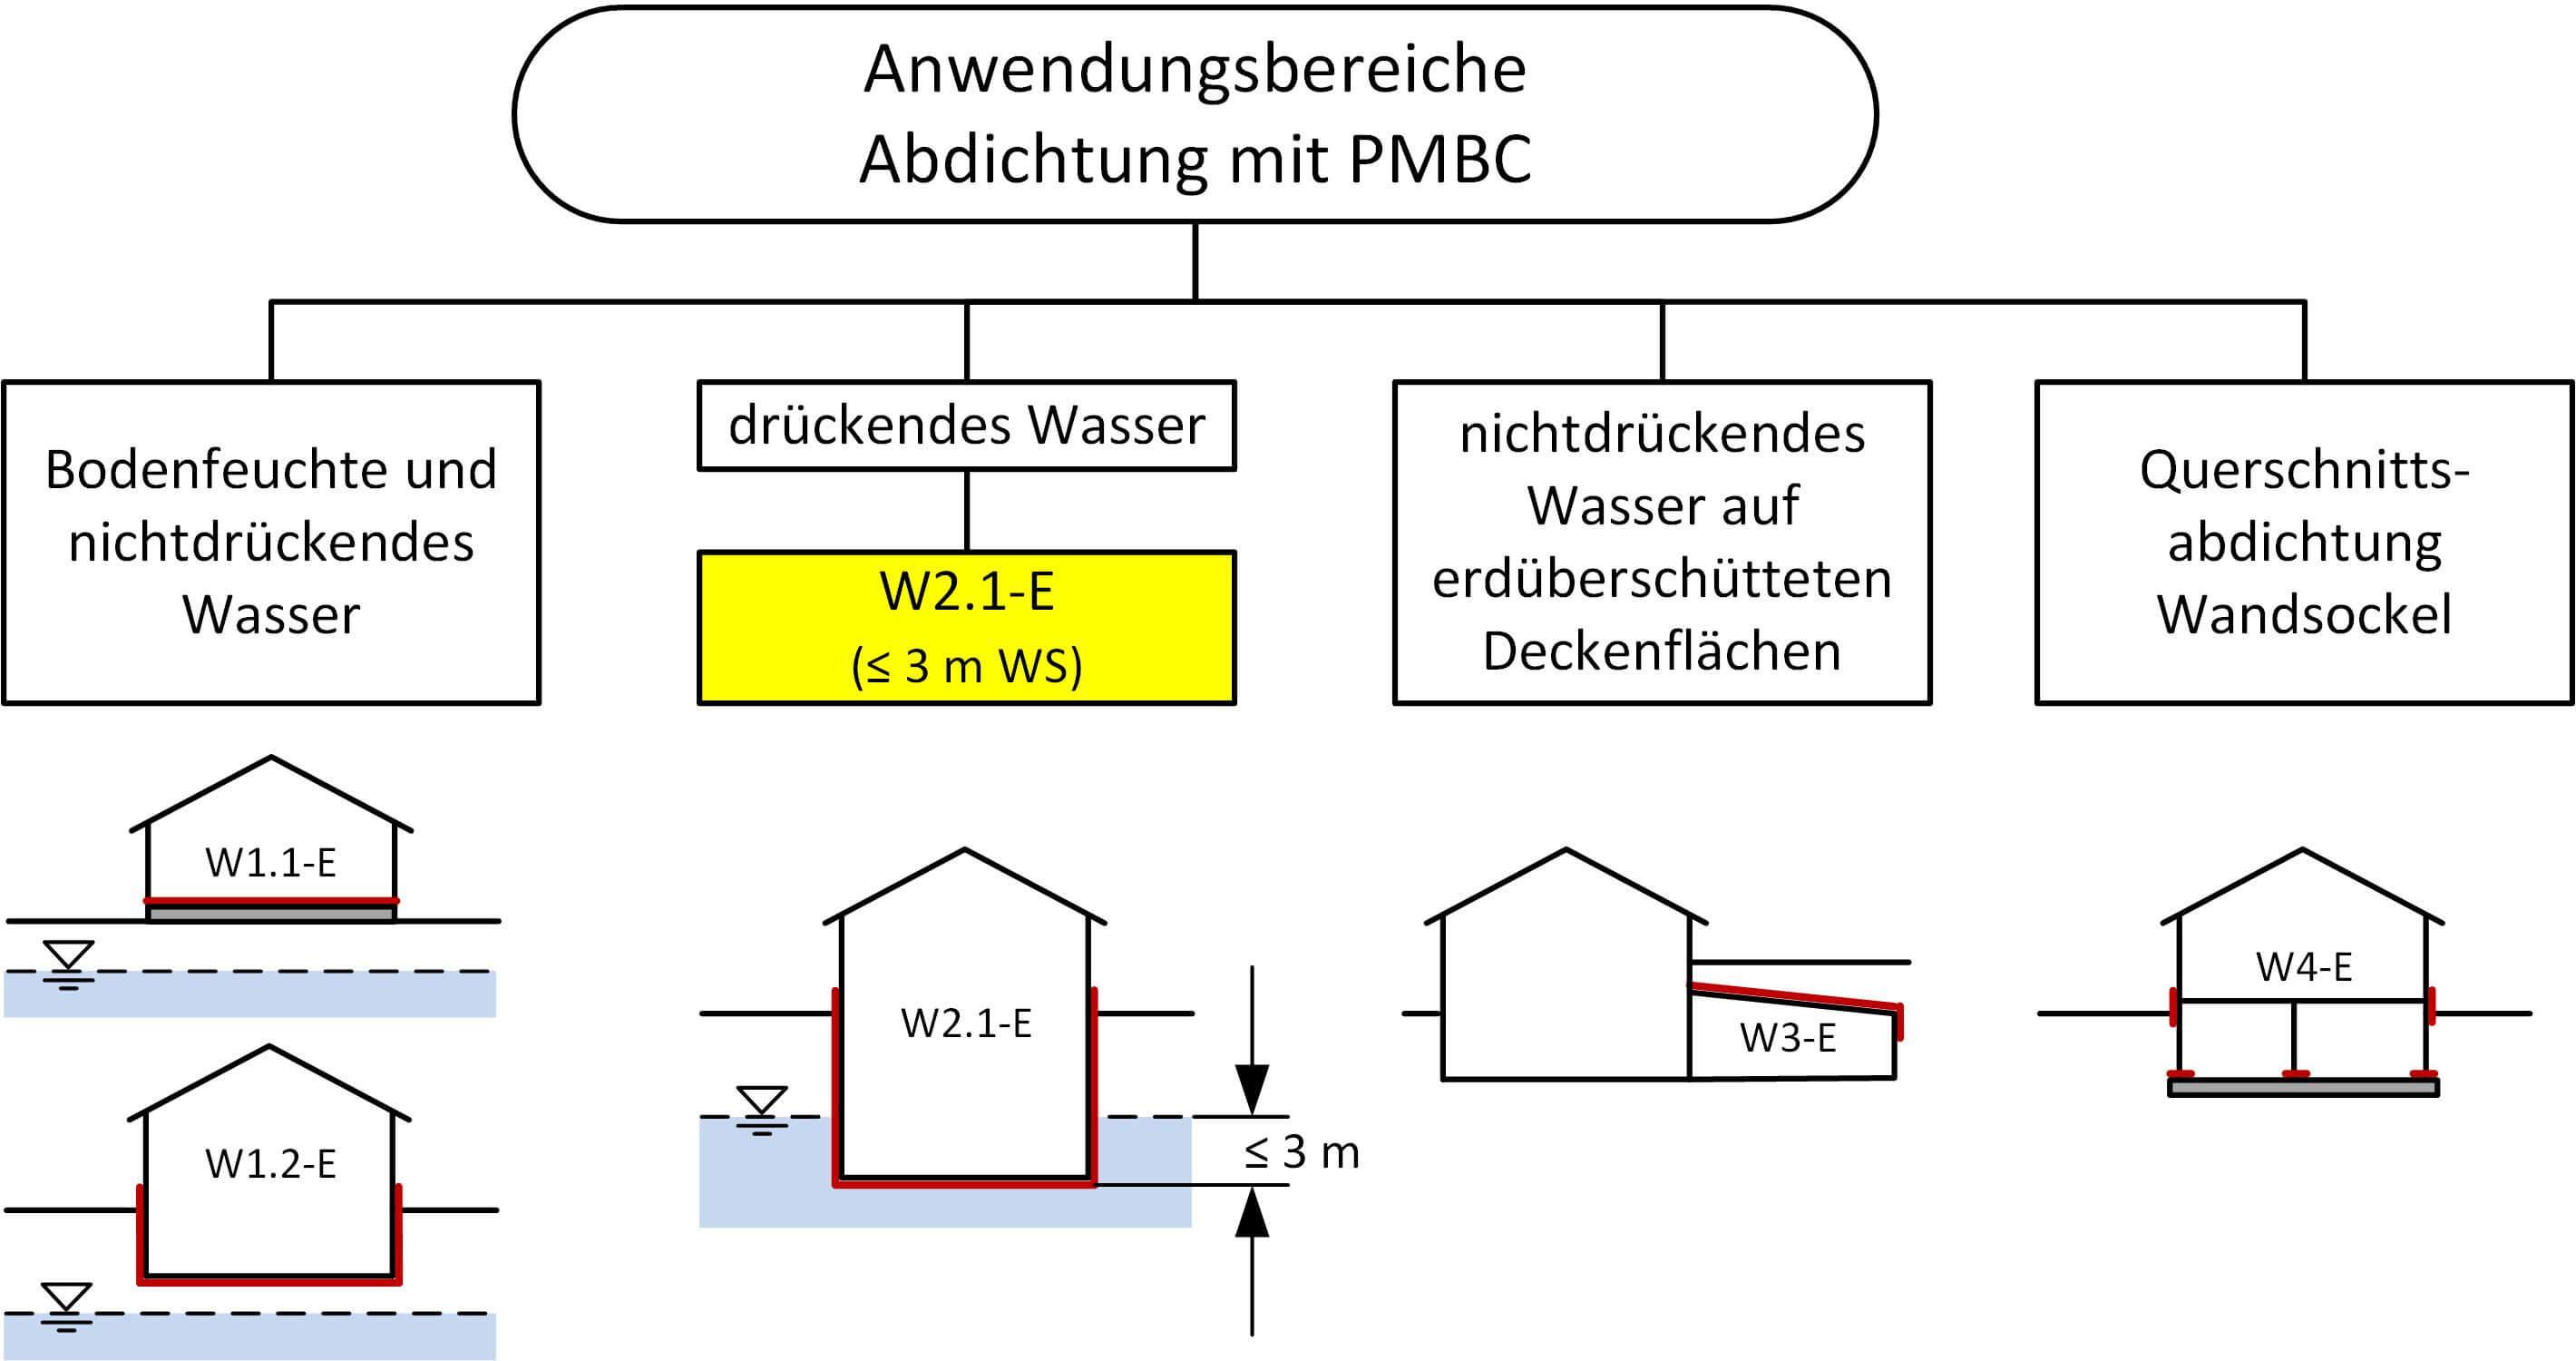 PMBC-fruher-KBM-Anwendungsbereiche-Forum-Verlag-Herkert-GmbH